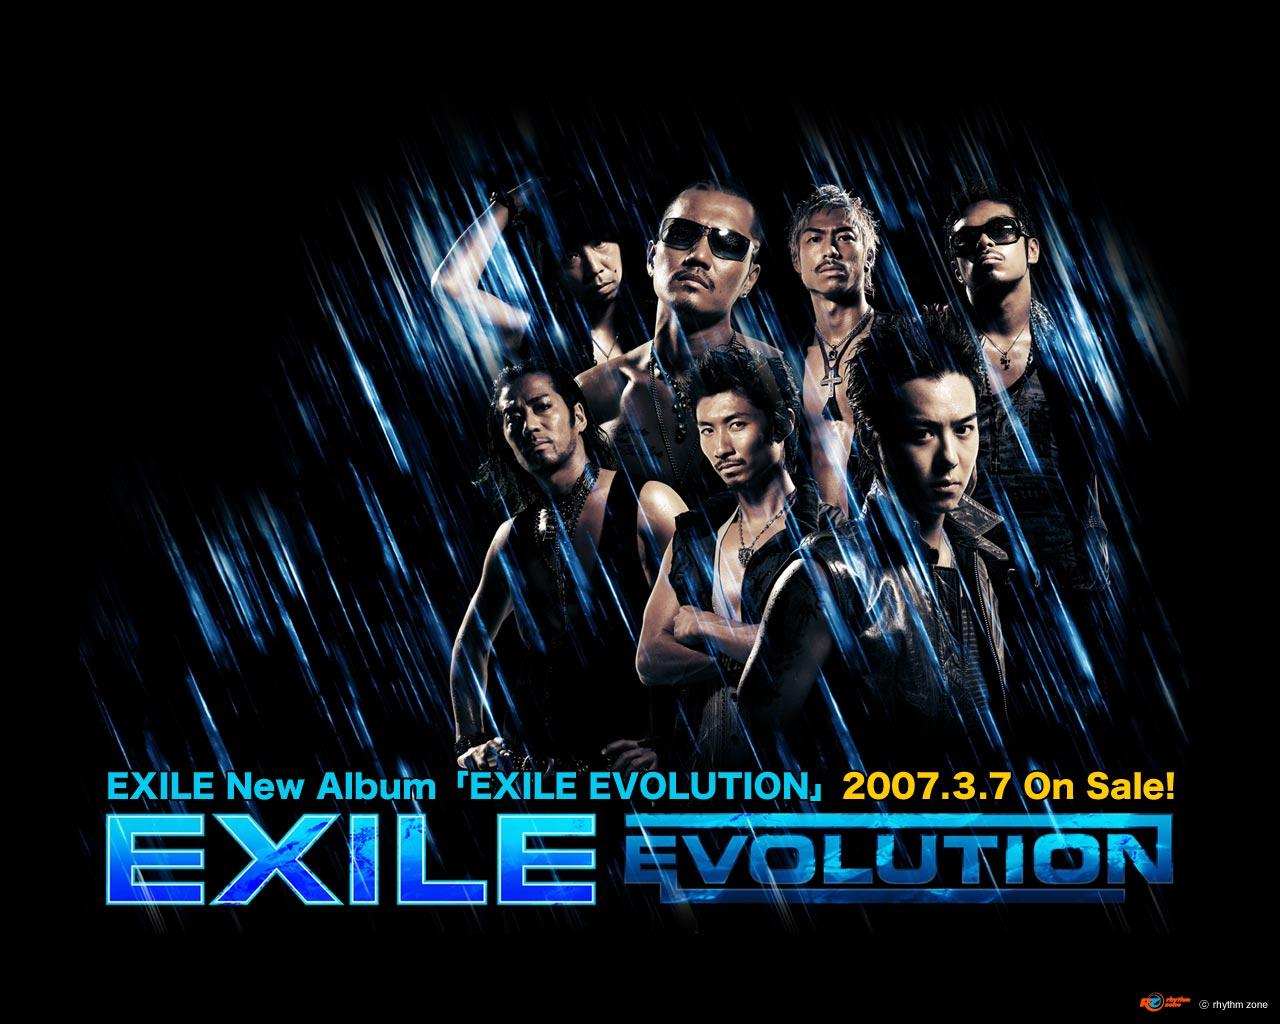 Exile Evolution 壁紙 まどろんでる トイレットペーパーがまどろんでる なしてそんなにゴリンなん